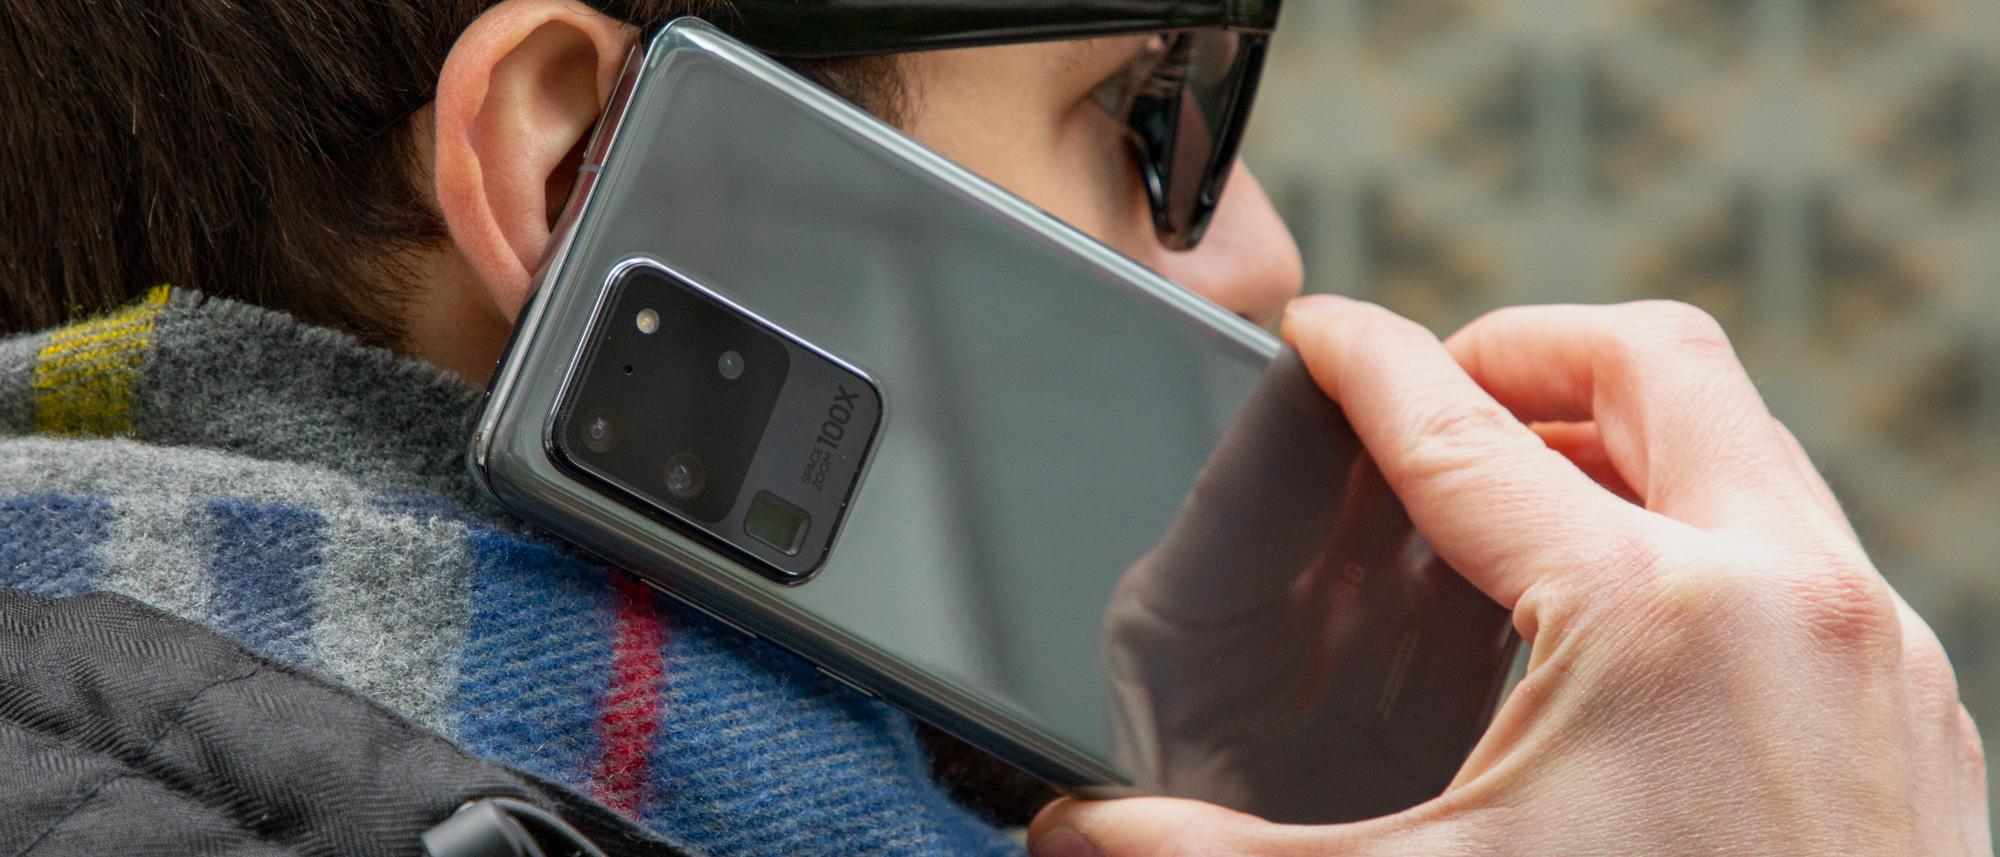 Sau 10 năm dẫn lối thành công, Galaxy S20 series sẽ đánh dấu kỷ nguyên mới của điện thoại - Ảnh 9.